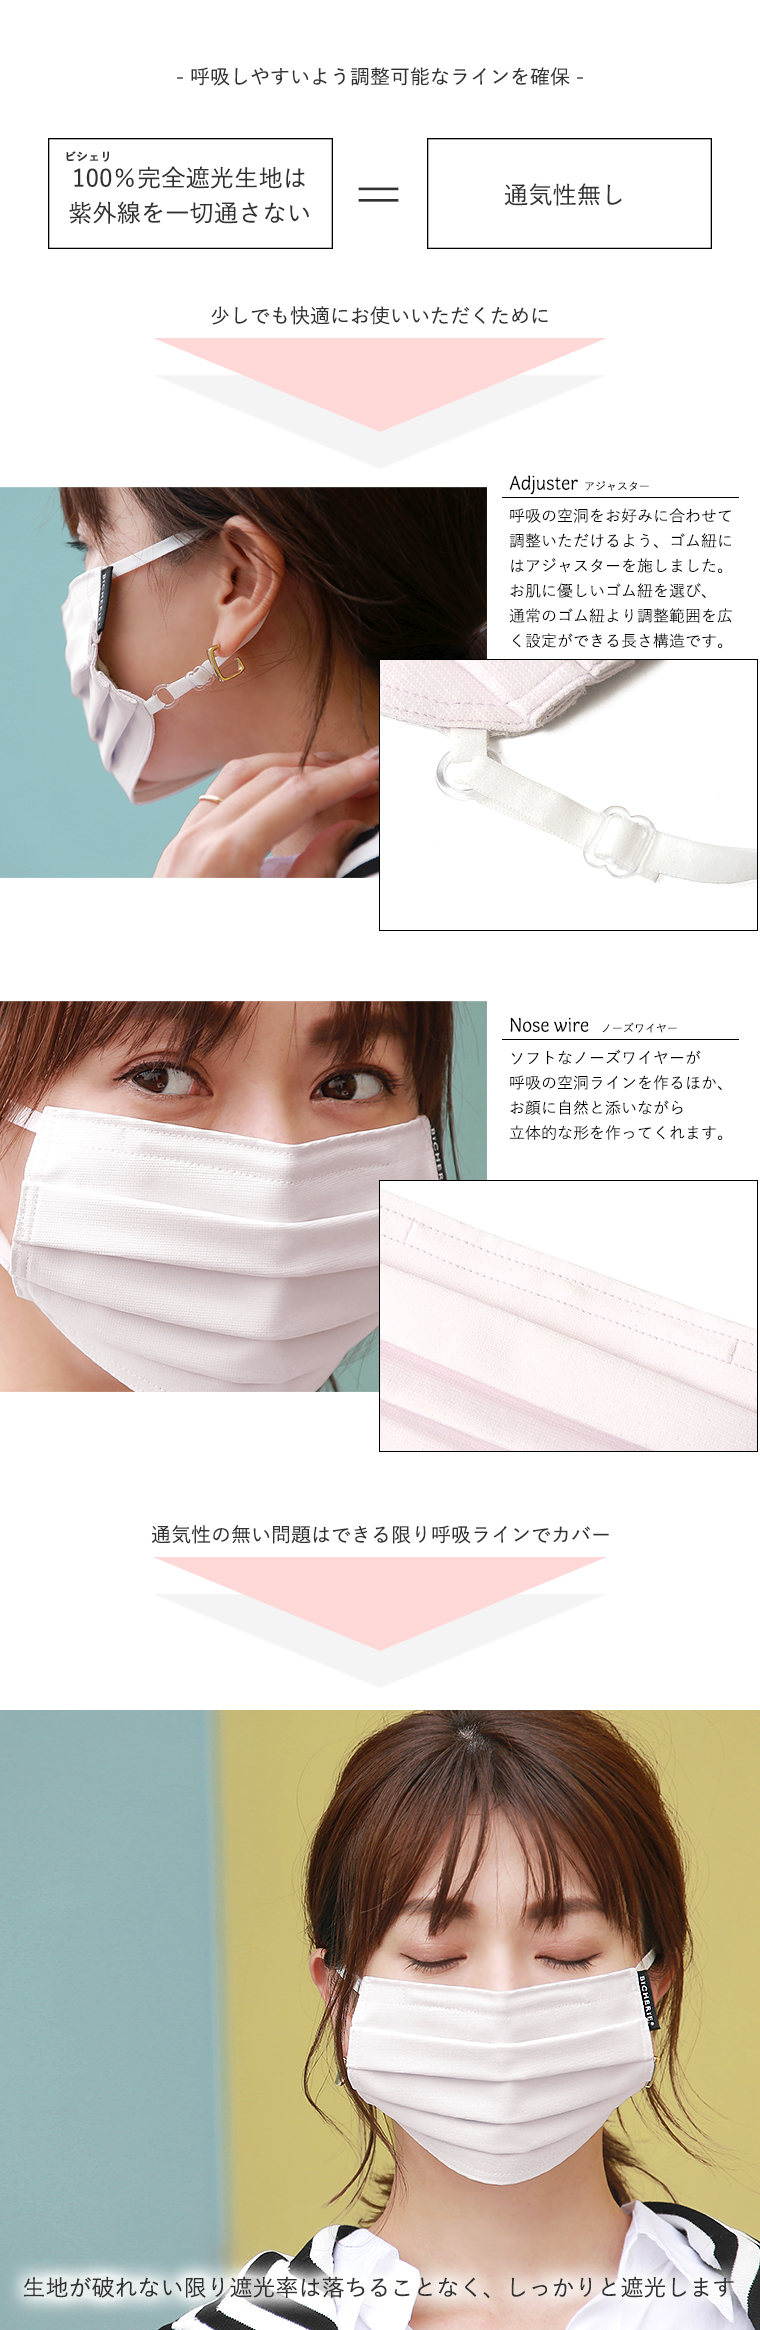 機能性あるUVマスク